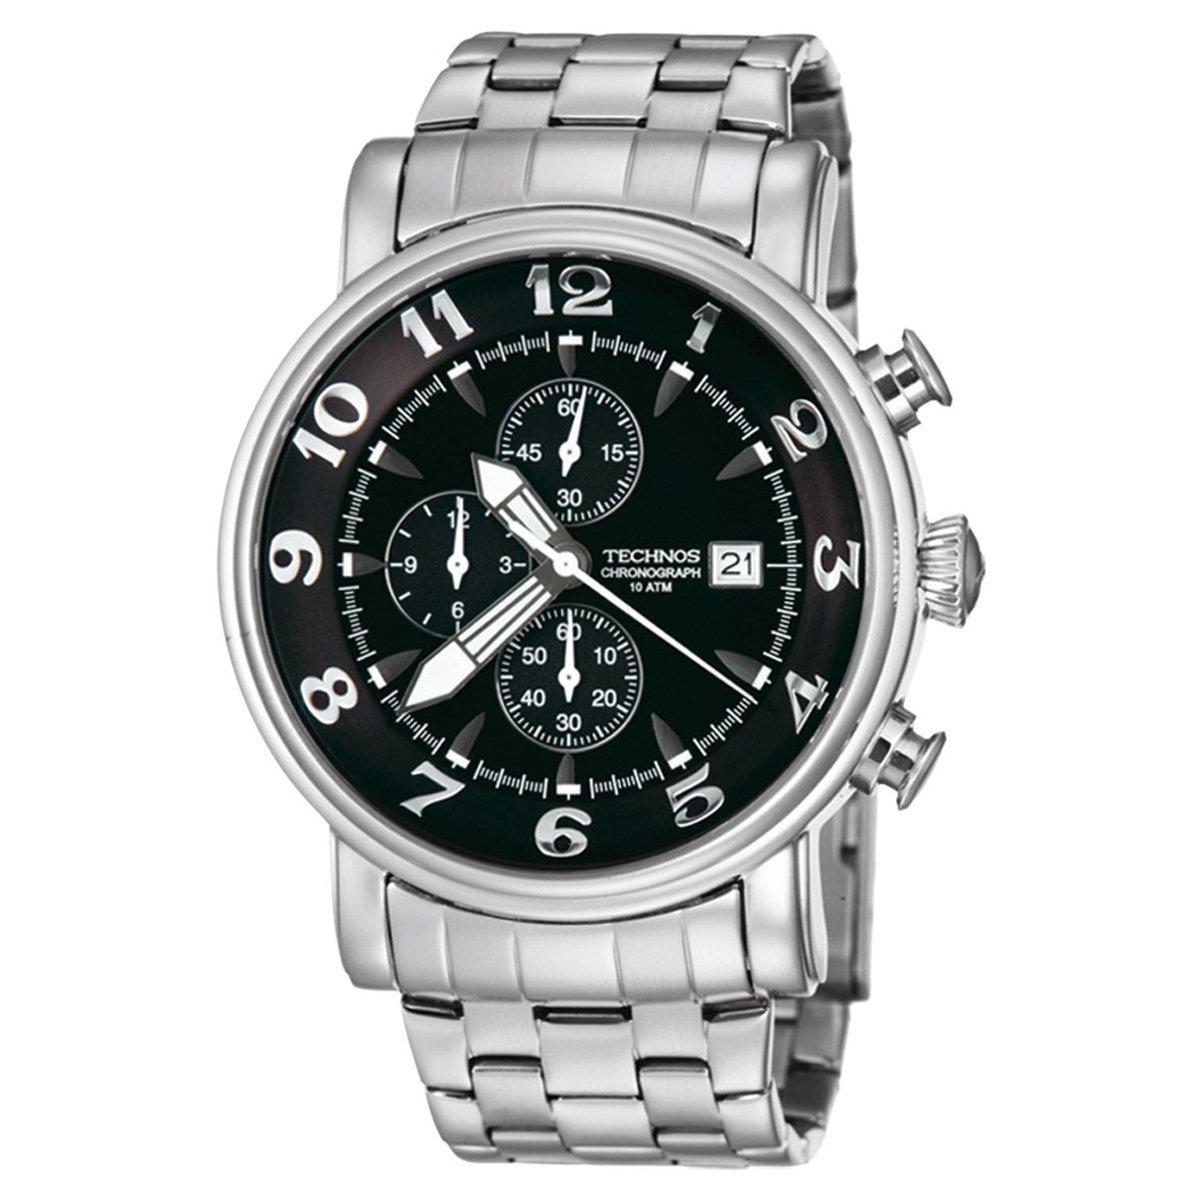 216203f78ad6e Relógio Technos Pulseira de Aço - Compre Agora